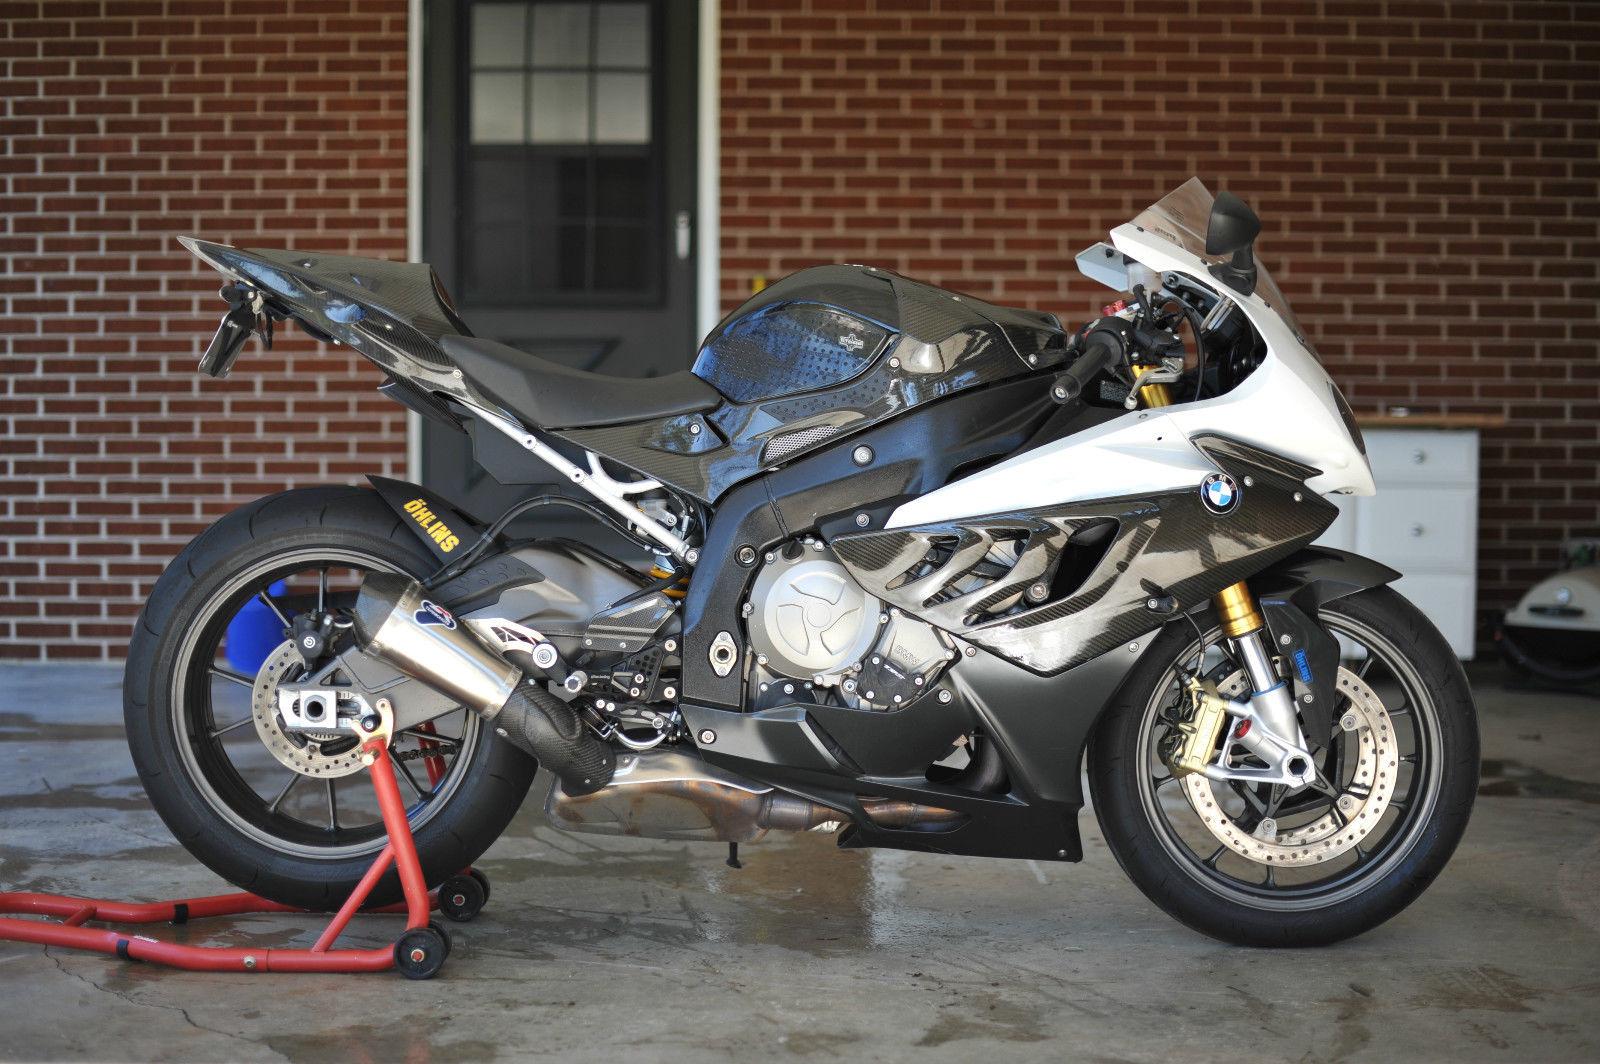 2011 bmw s1000rr sport bike customized hlins ttx. Black Bedroom Furniture Sets. Home Design Ideas